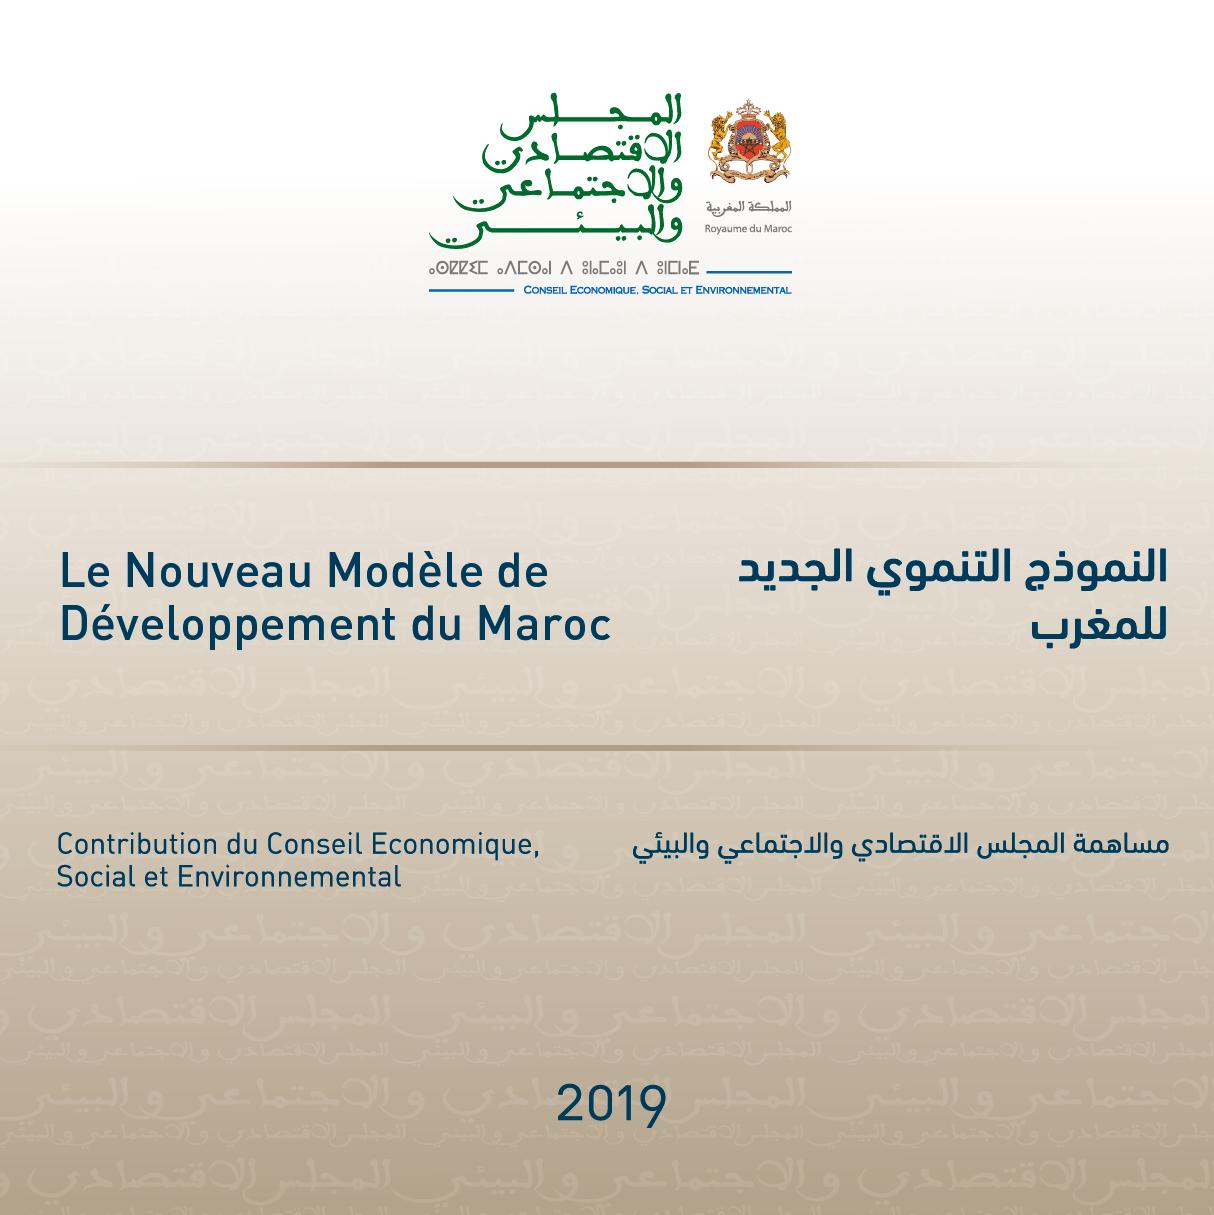 النموذج التنموي الجديد للمغرب  مساهمة المجلس الاقتصادي والاجتماعي والبيئي